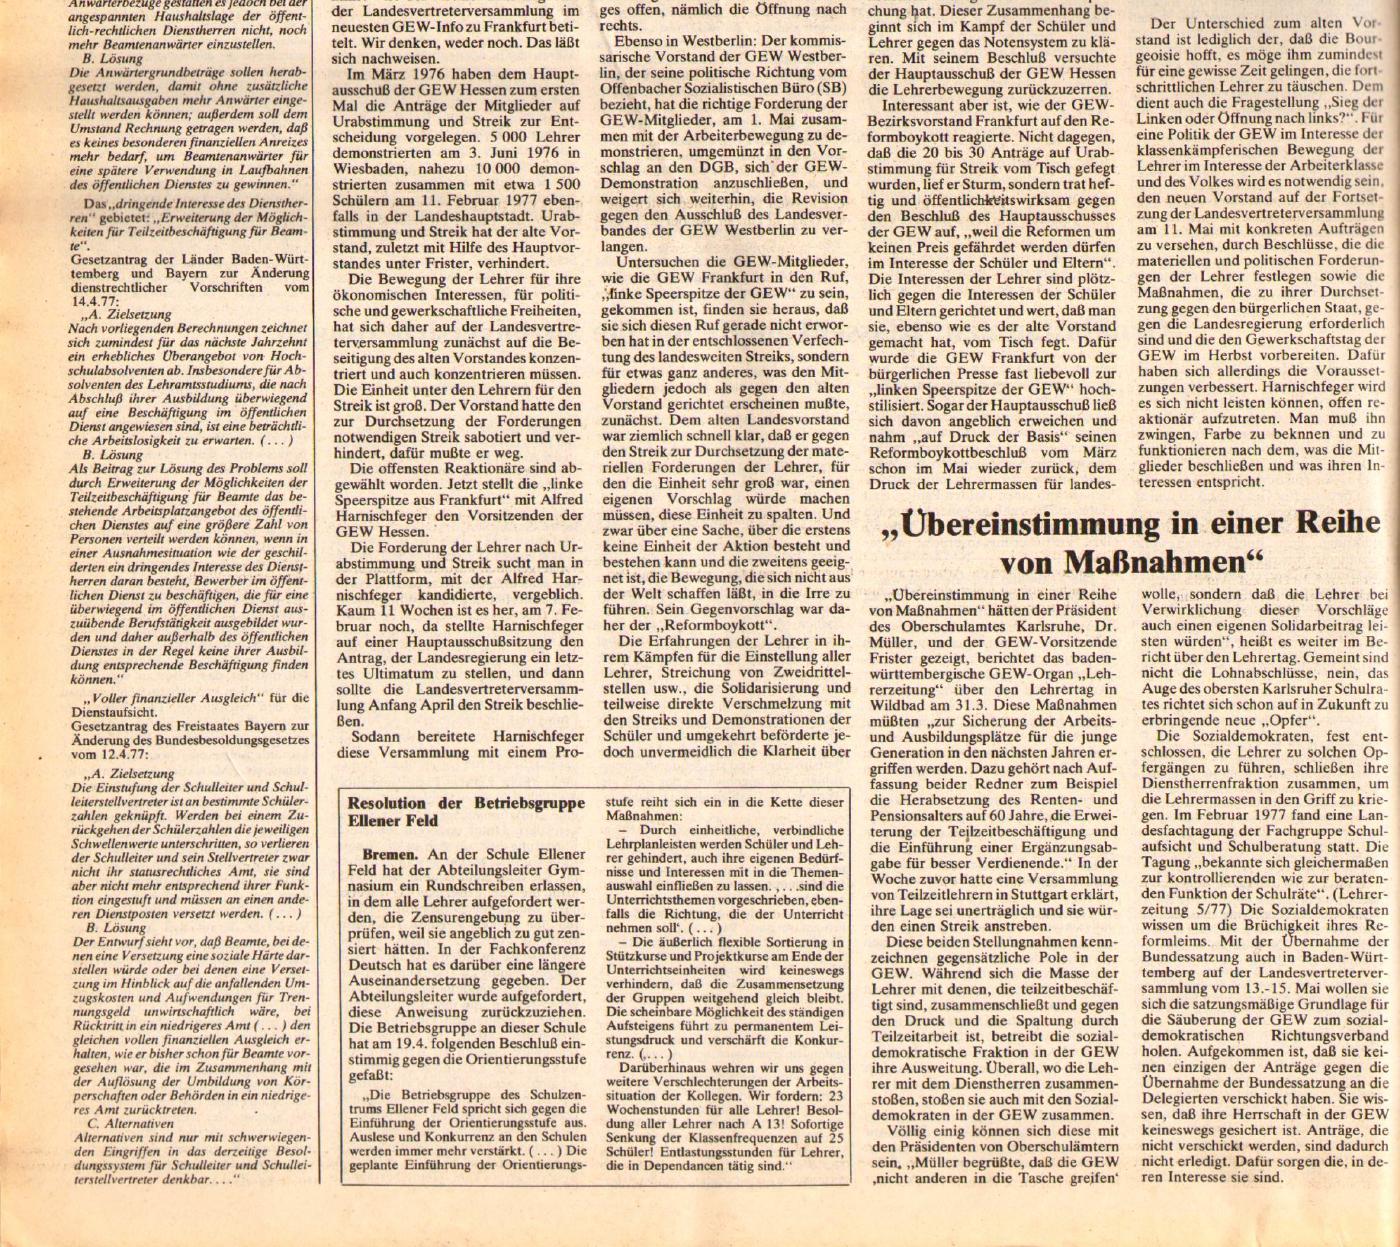 KVZ_Nord_1977_17_08